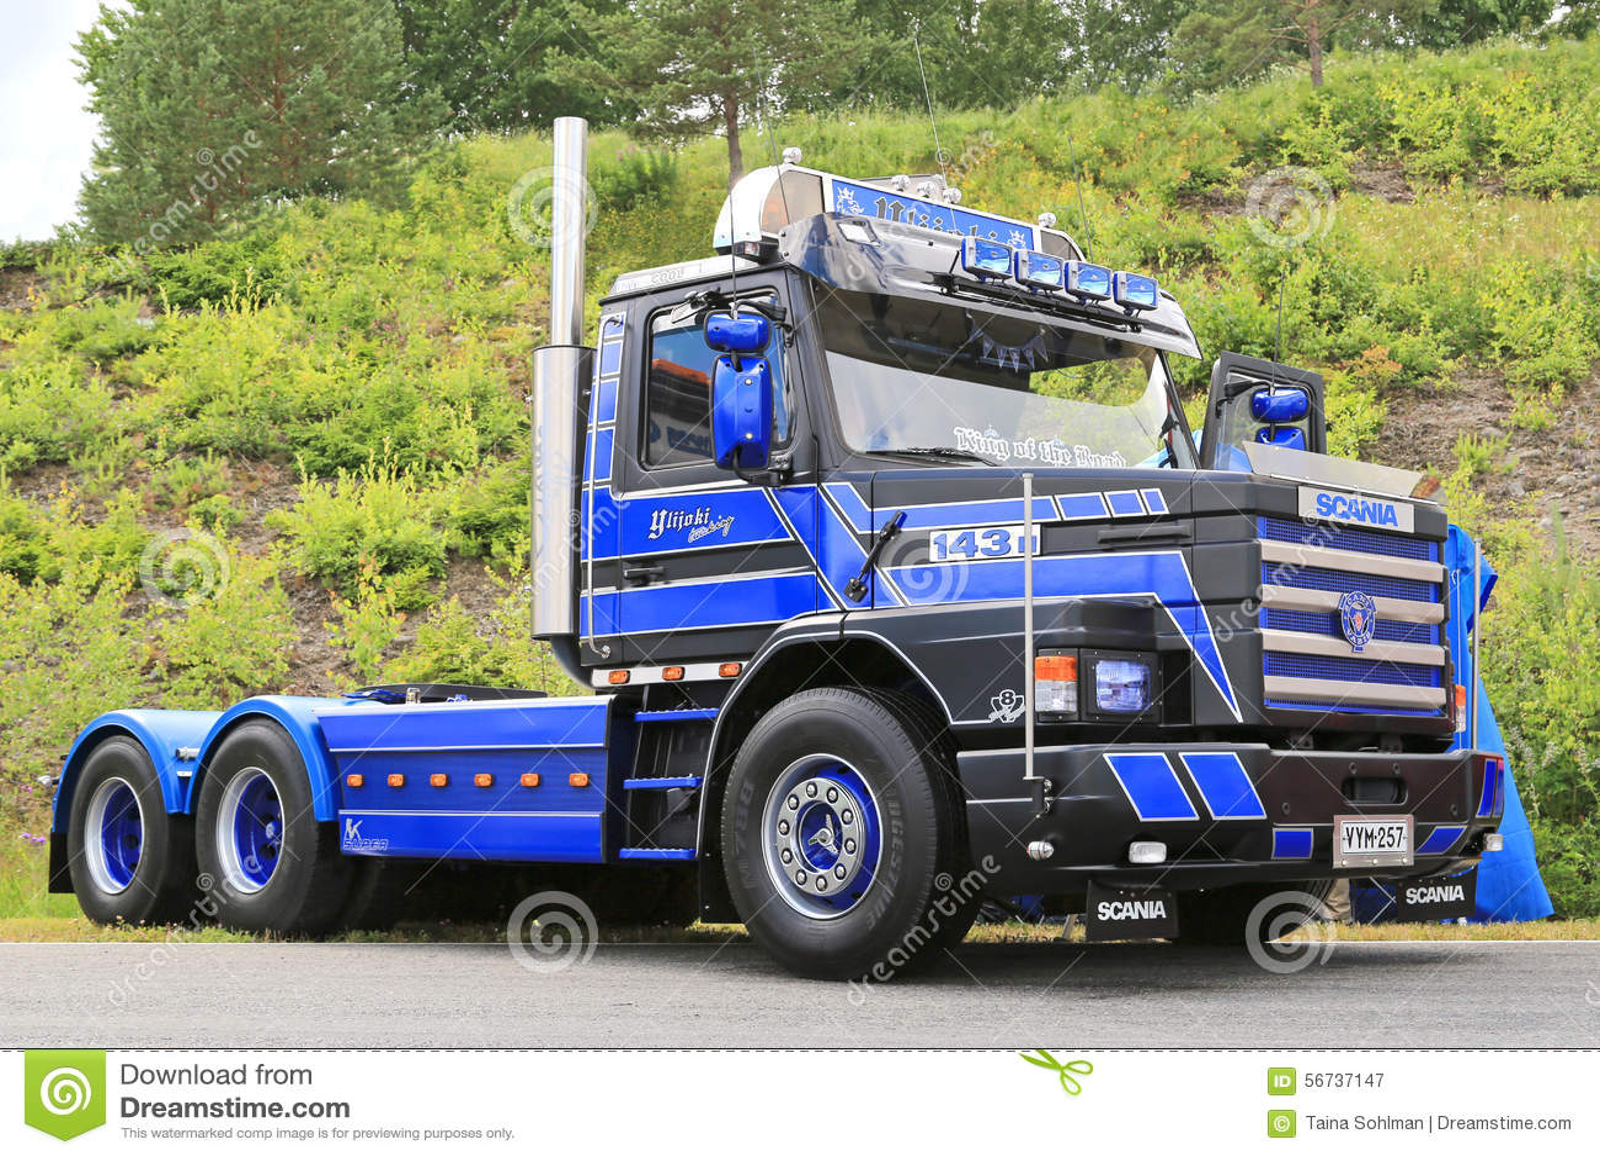 pictures of diesel trucks